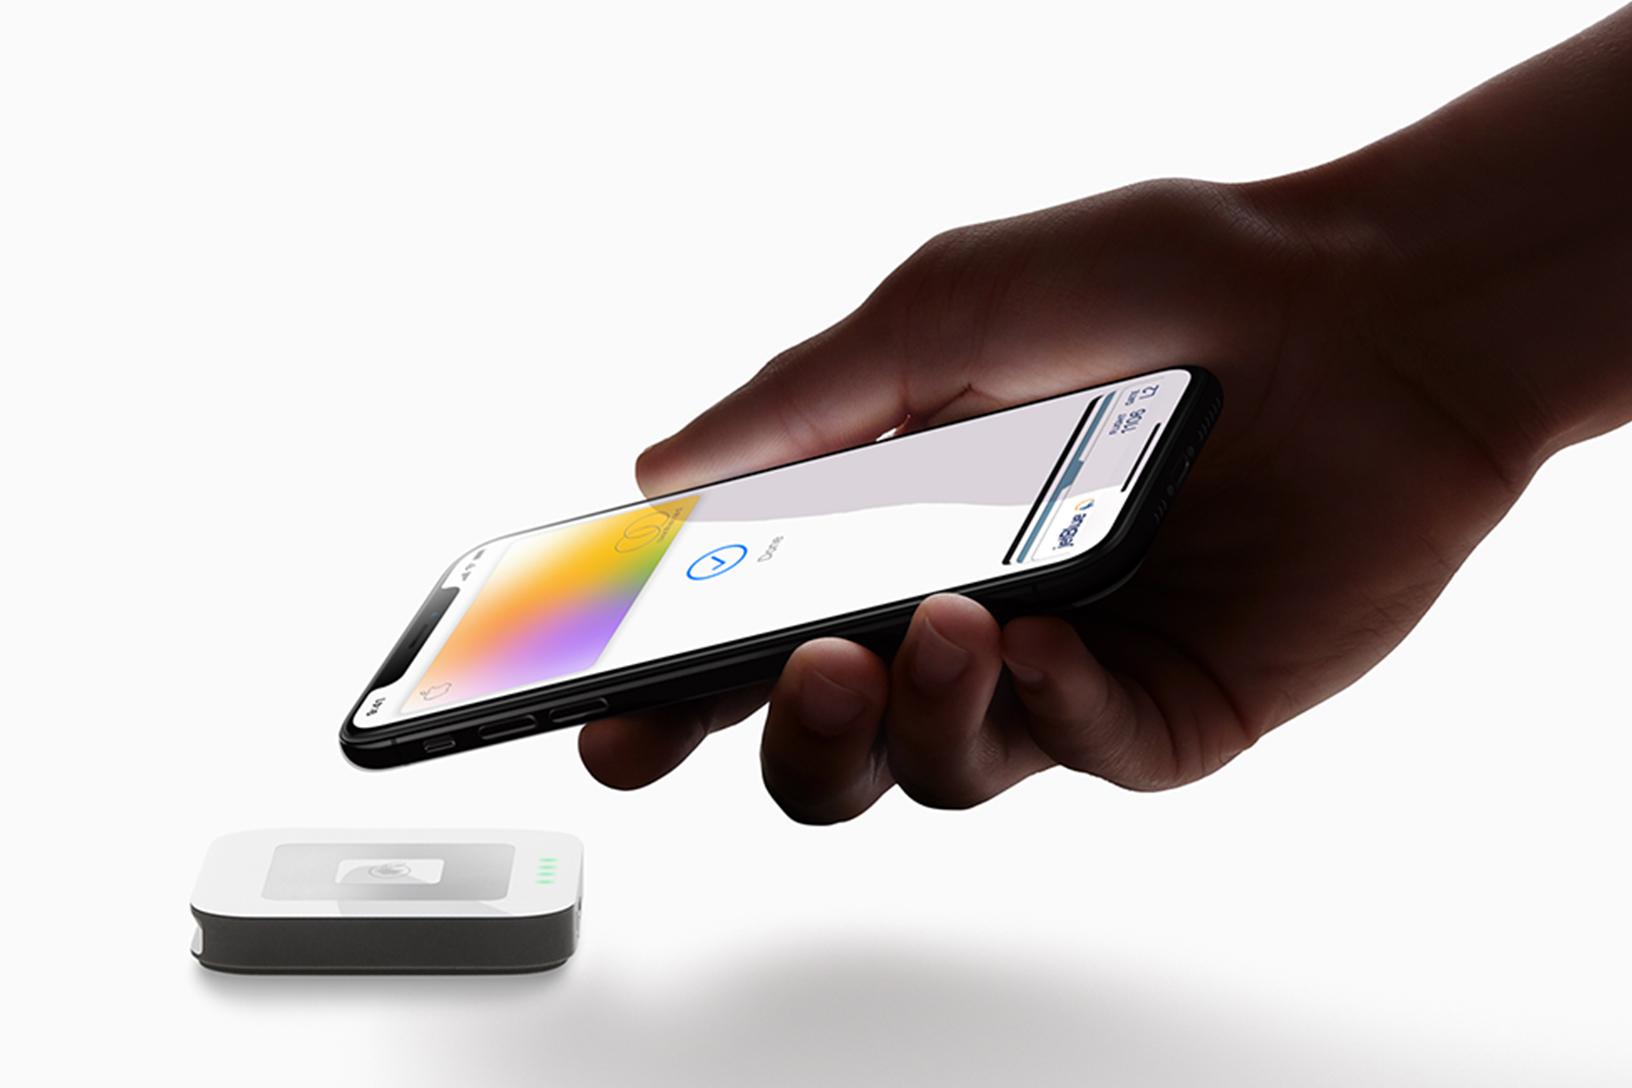 A hand extends an iPhone toward a contactless credit card reader.